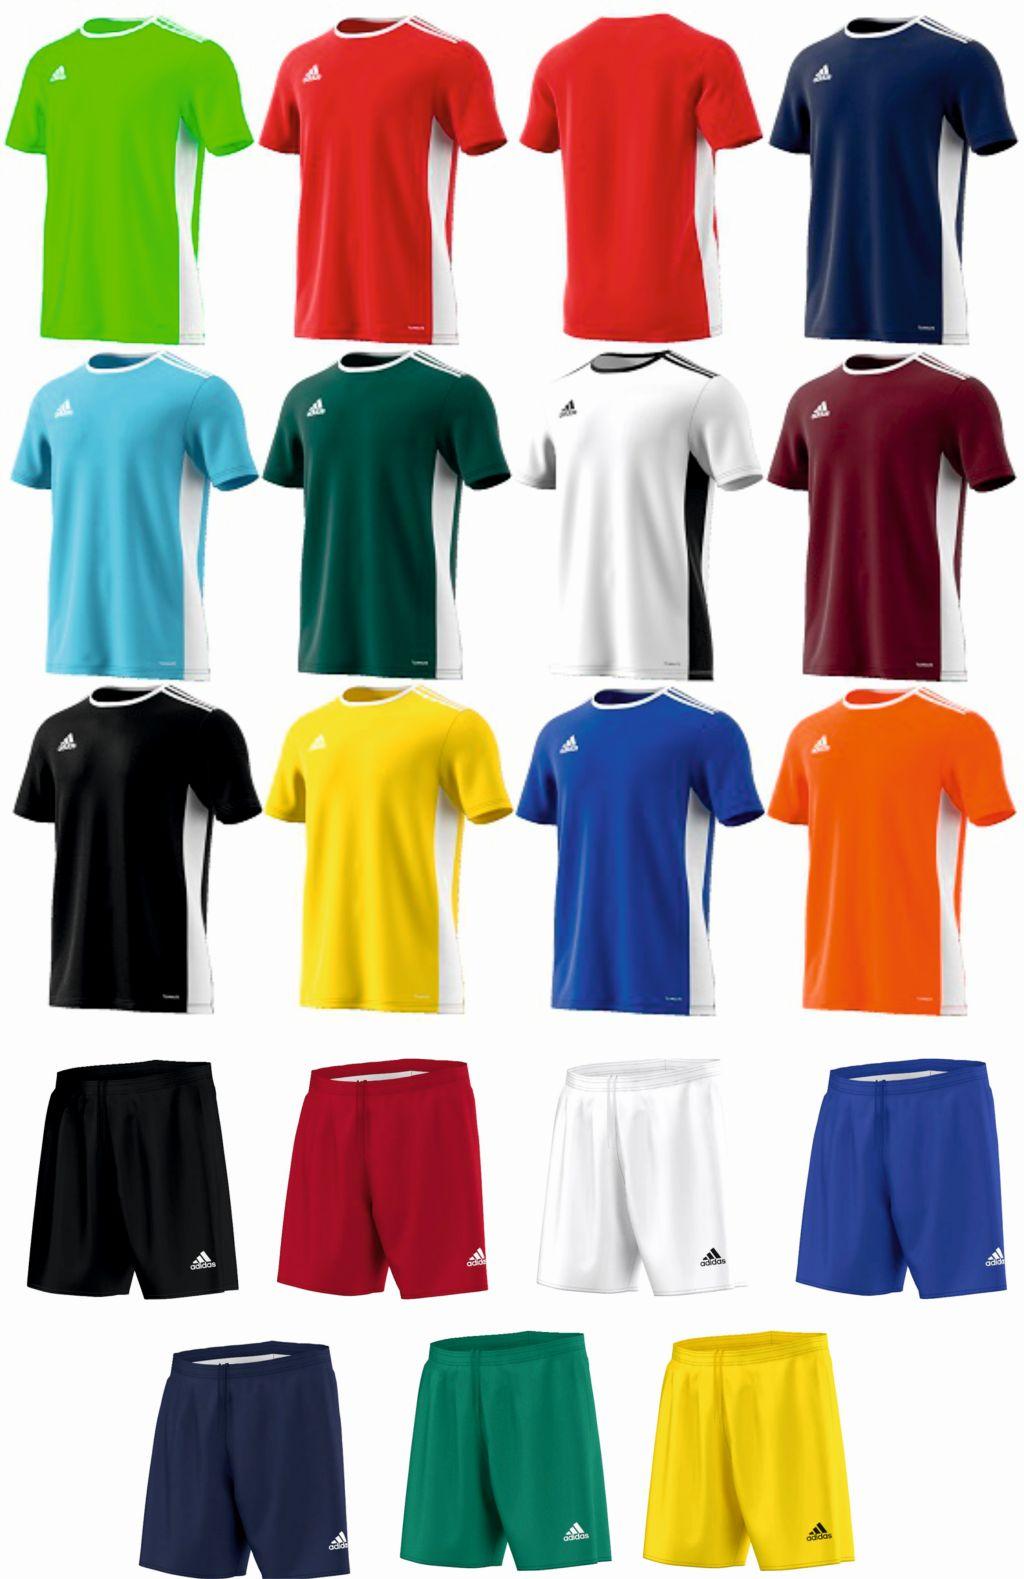 stroje piłkarskie adidas, ubrania dla piłkarzy colo, sprzęt